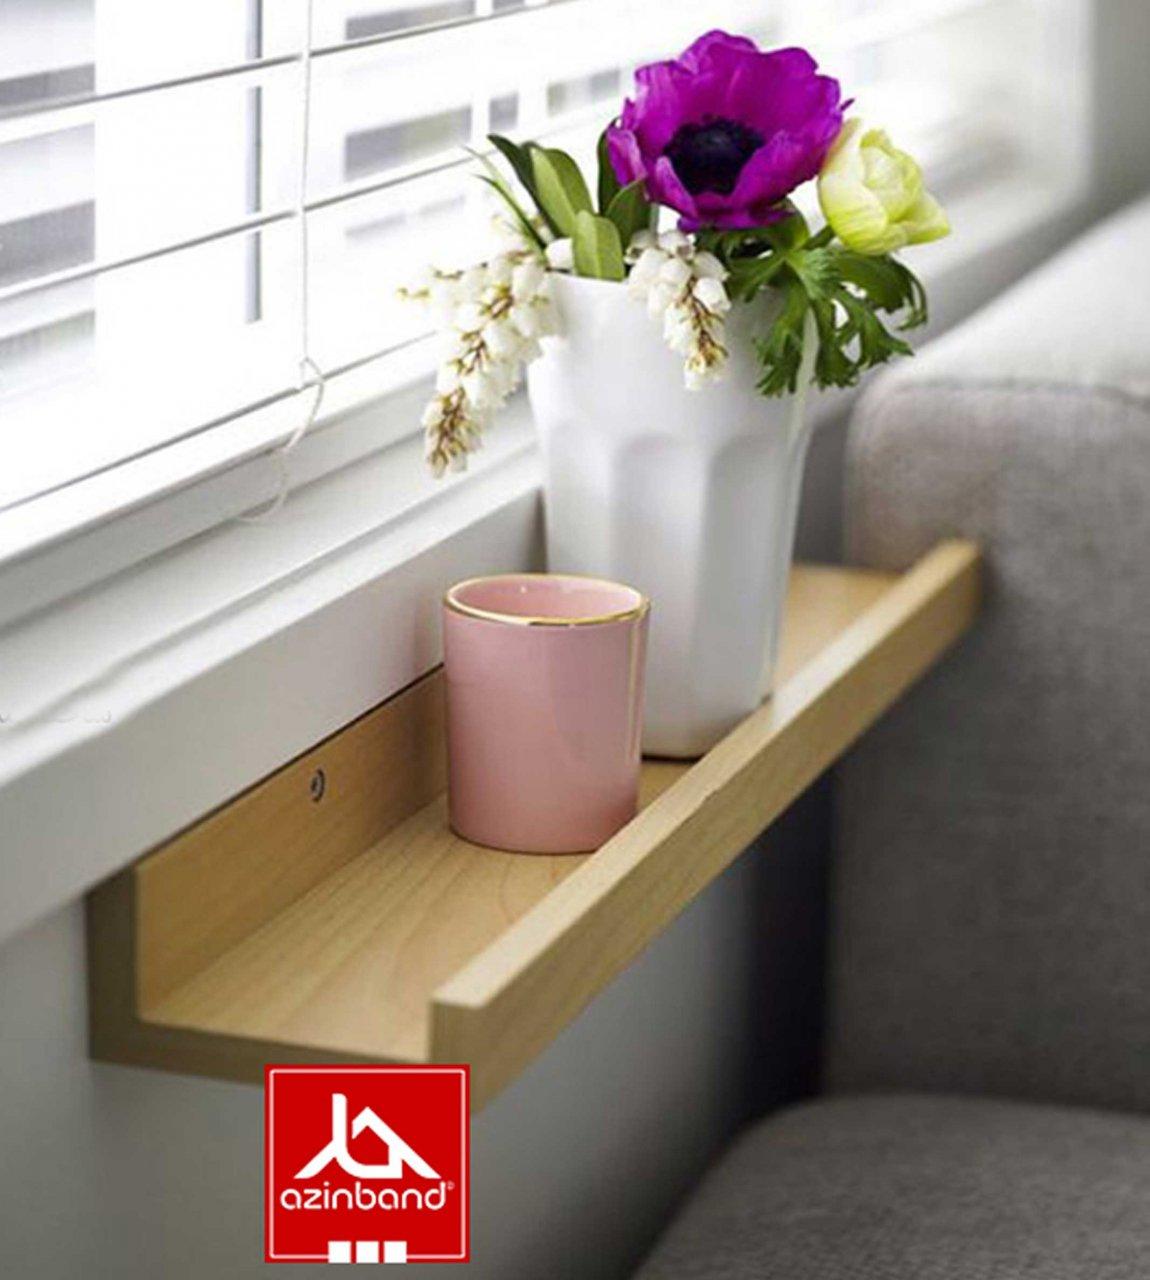 شلف کنار پنجره چوبی آذین بند